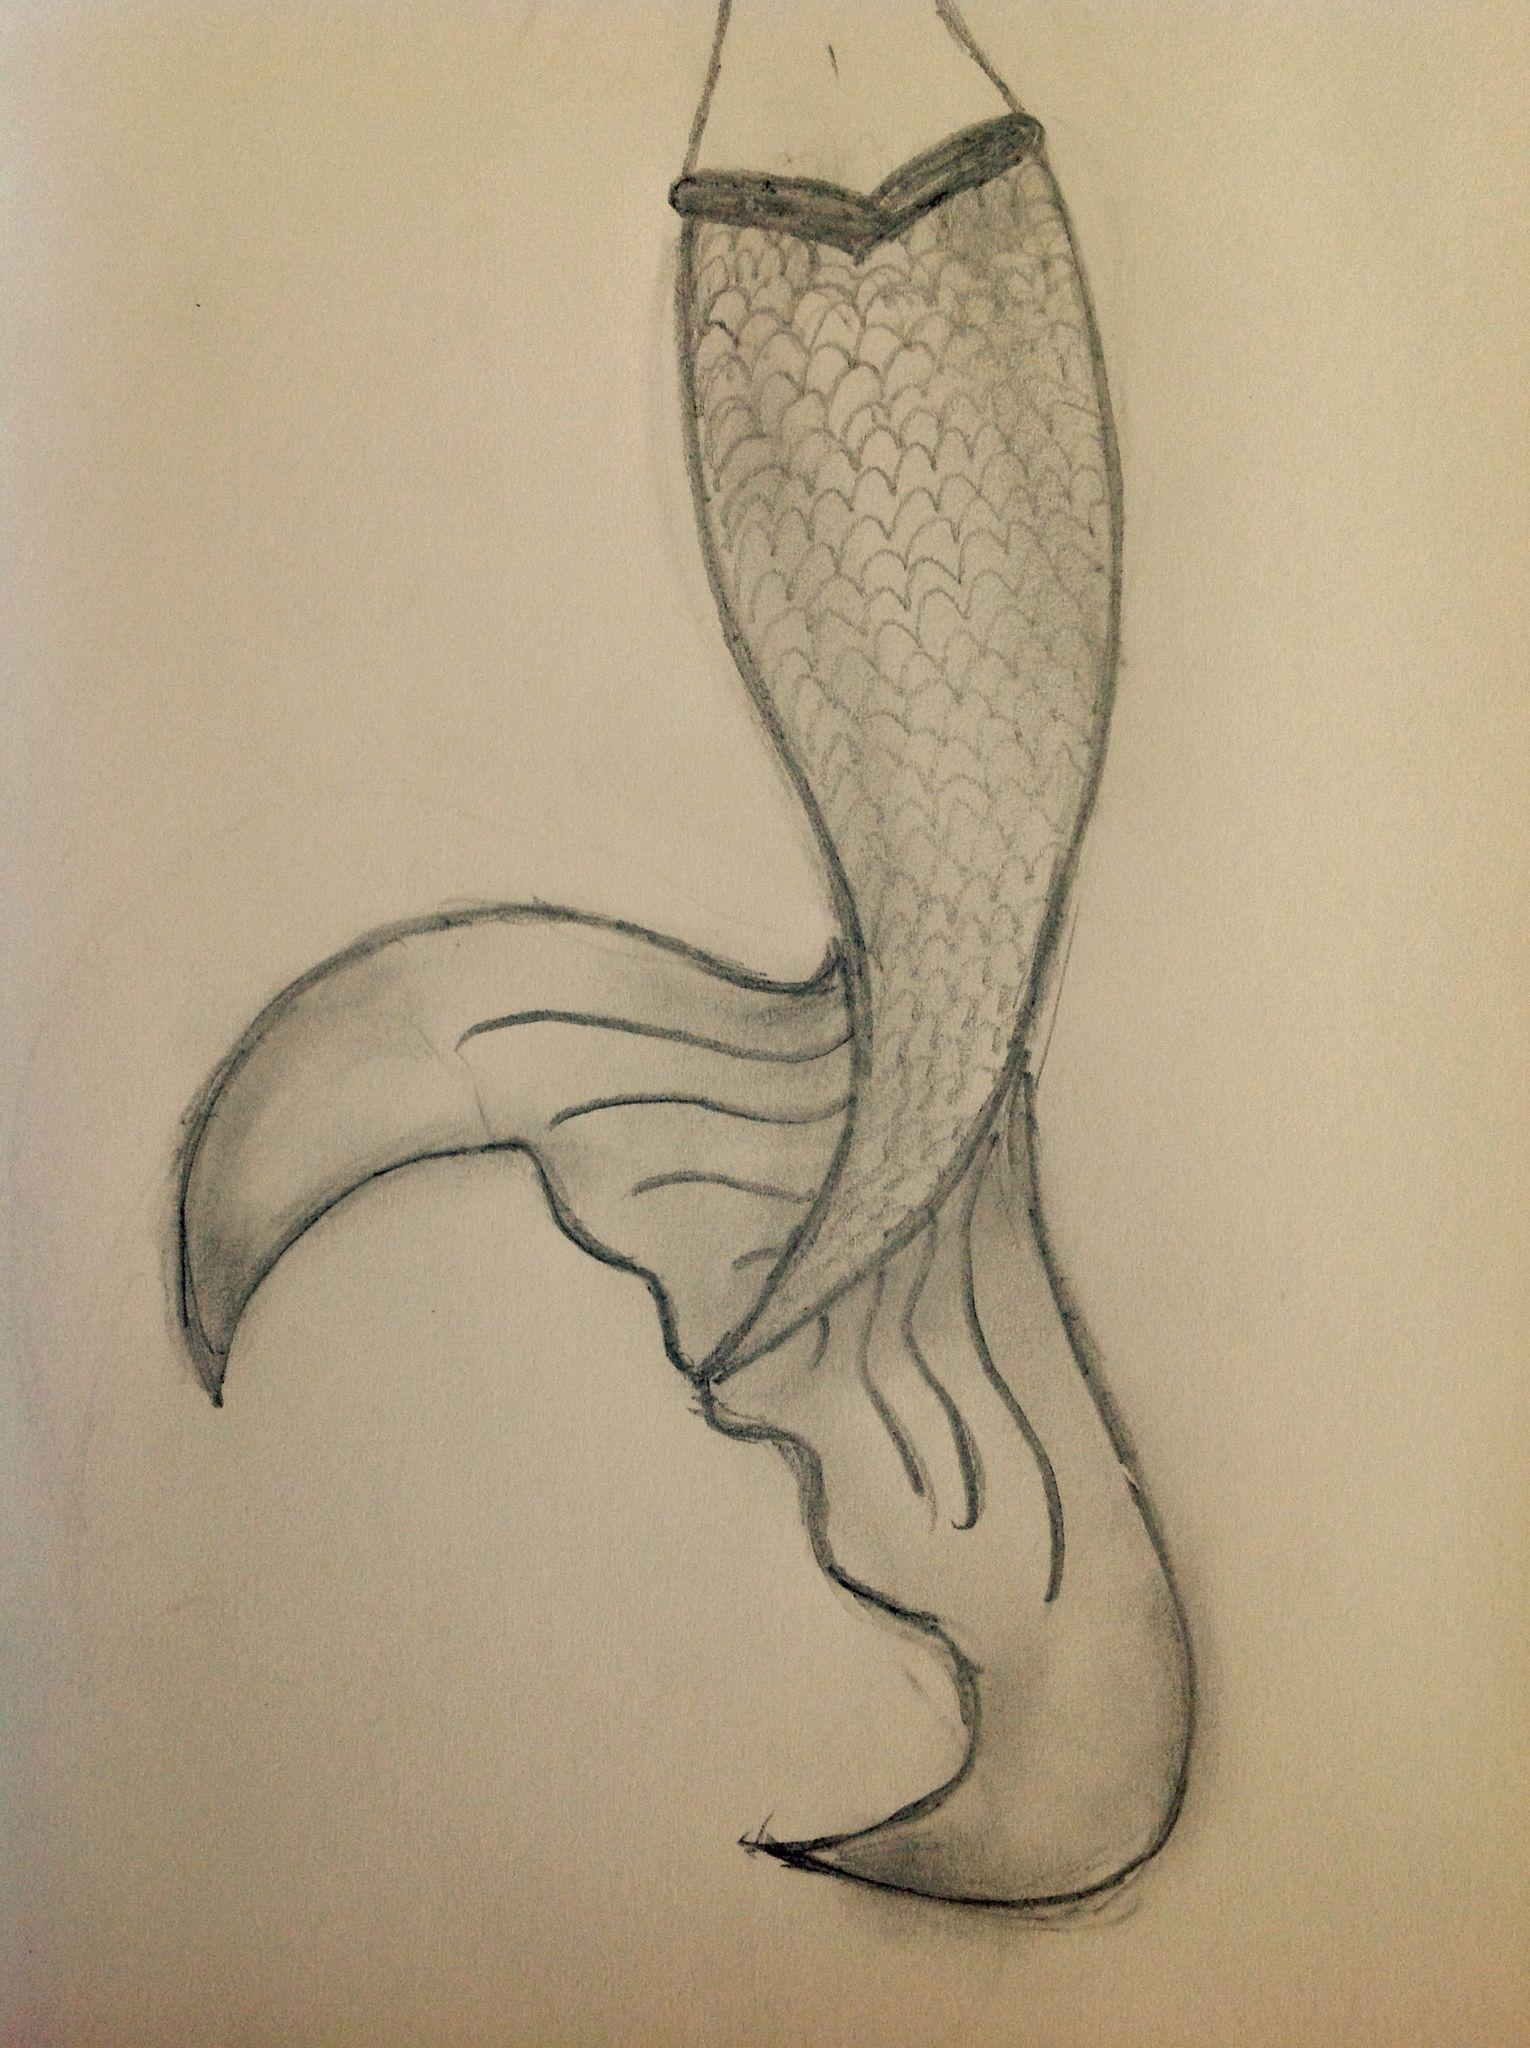 Simple Mermaid Tail Drawing : simple, mermaid, drawing, WvMiler, Drawing, Stooff, Drawings,, Mermaid, Drawings